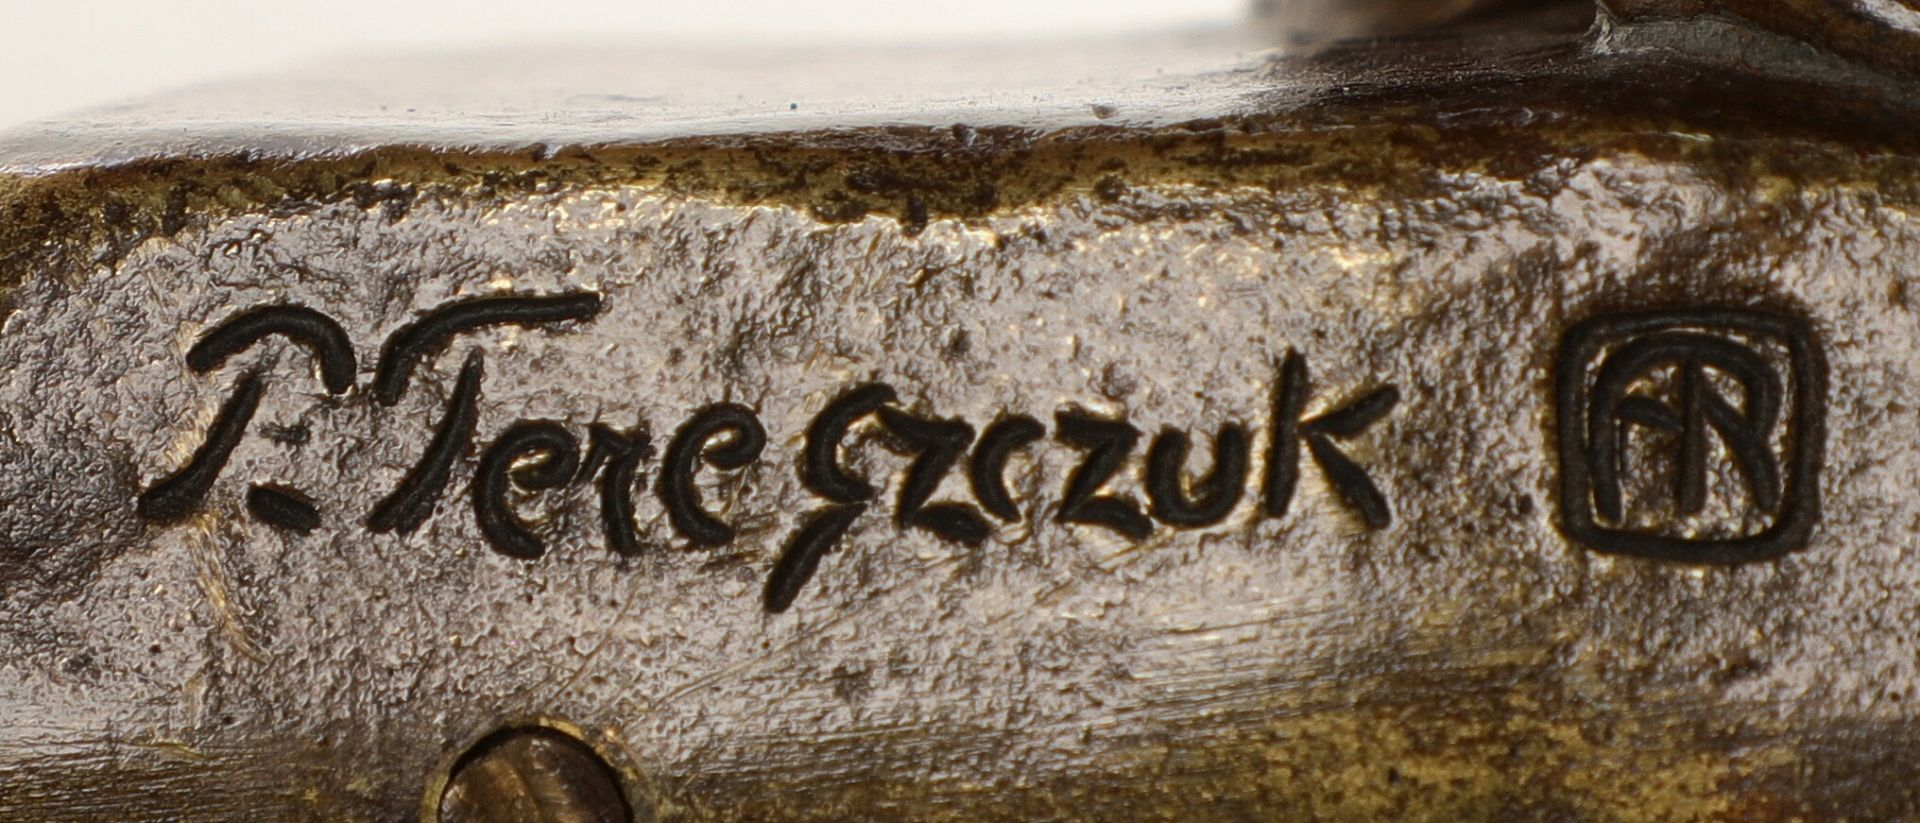 Peter Tereszczuk: Pierrot. Signiert P. Tereszczuk. Bronze und Elfenbein. H. 10.5 cm B. 10.5 cm. - Bild 4 aus 4